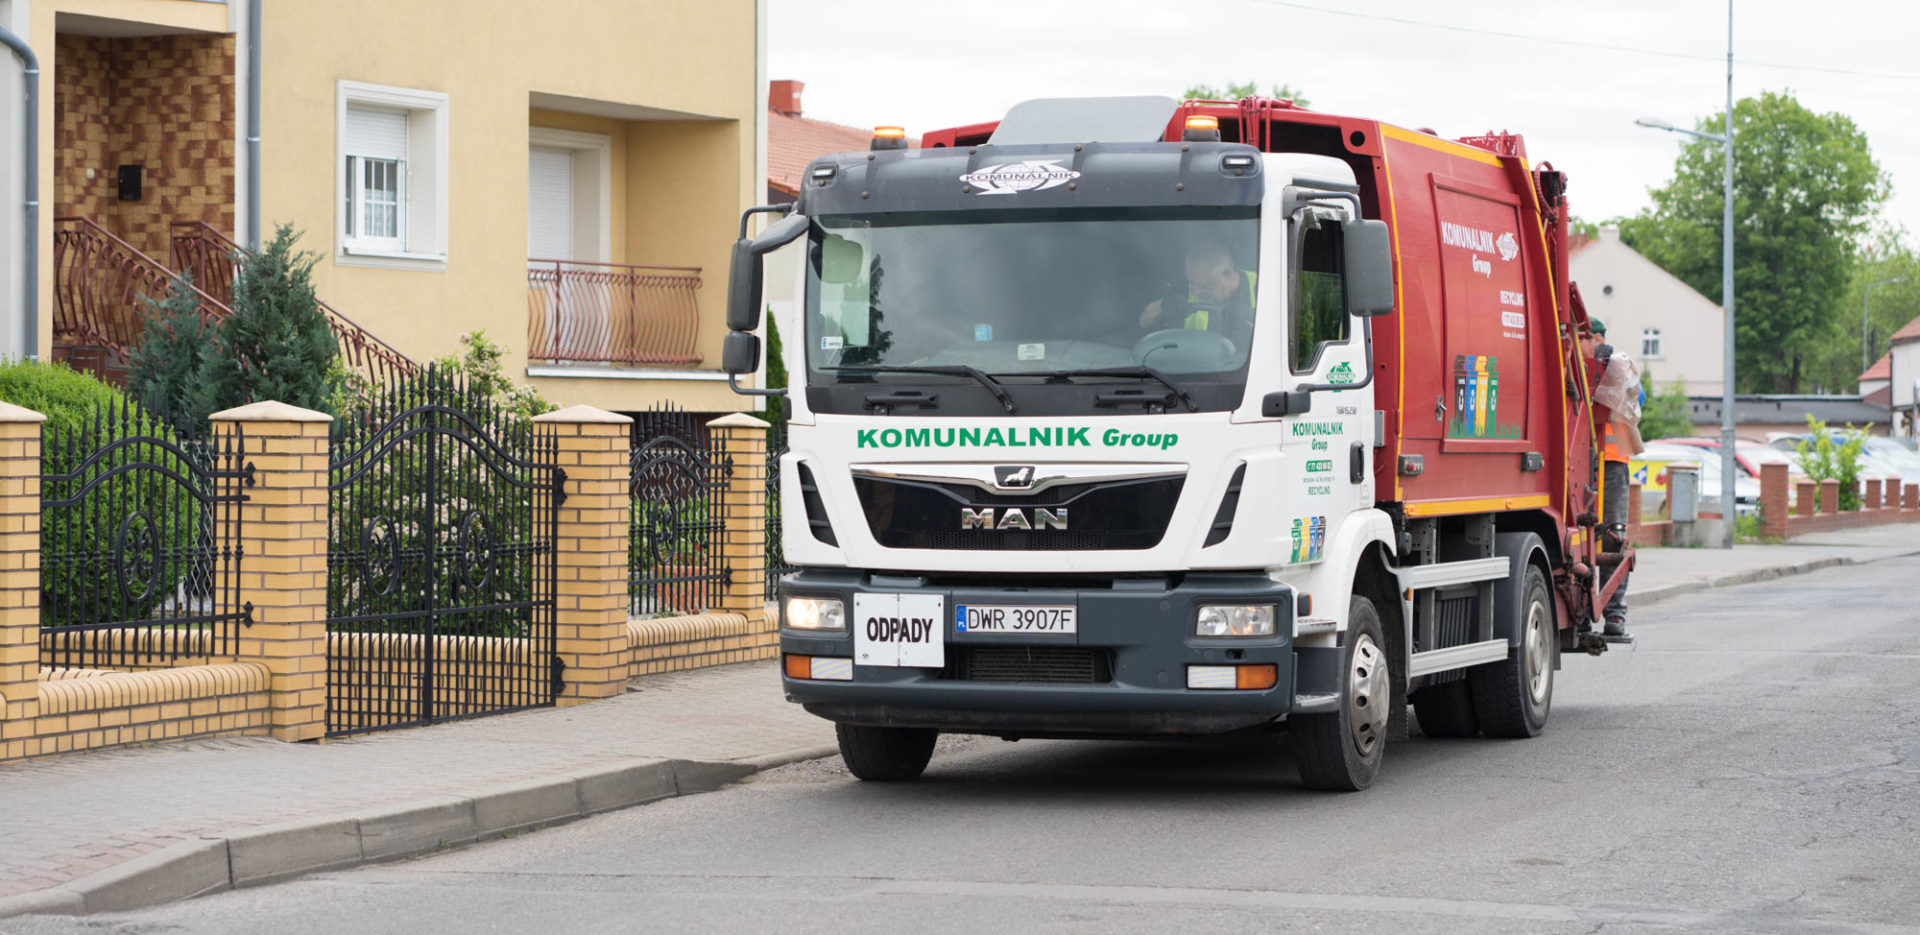 Pojazd firmy Komunalnik